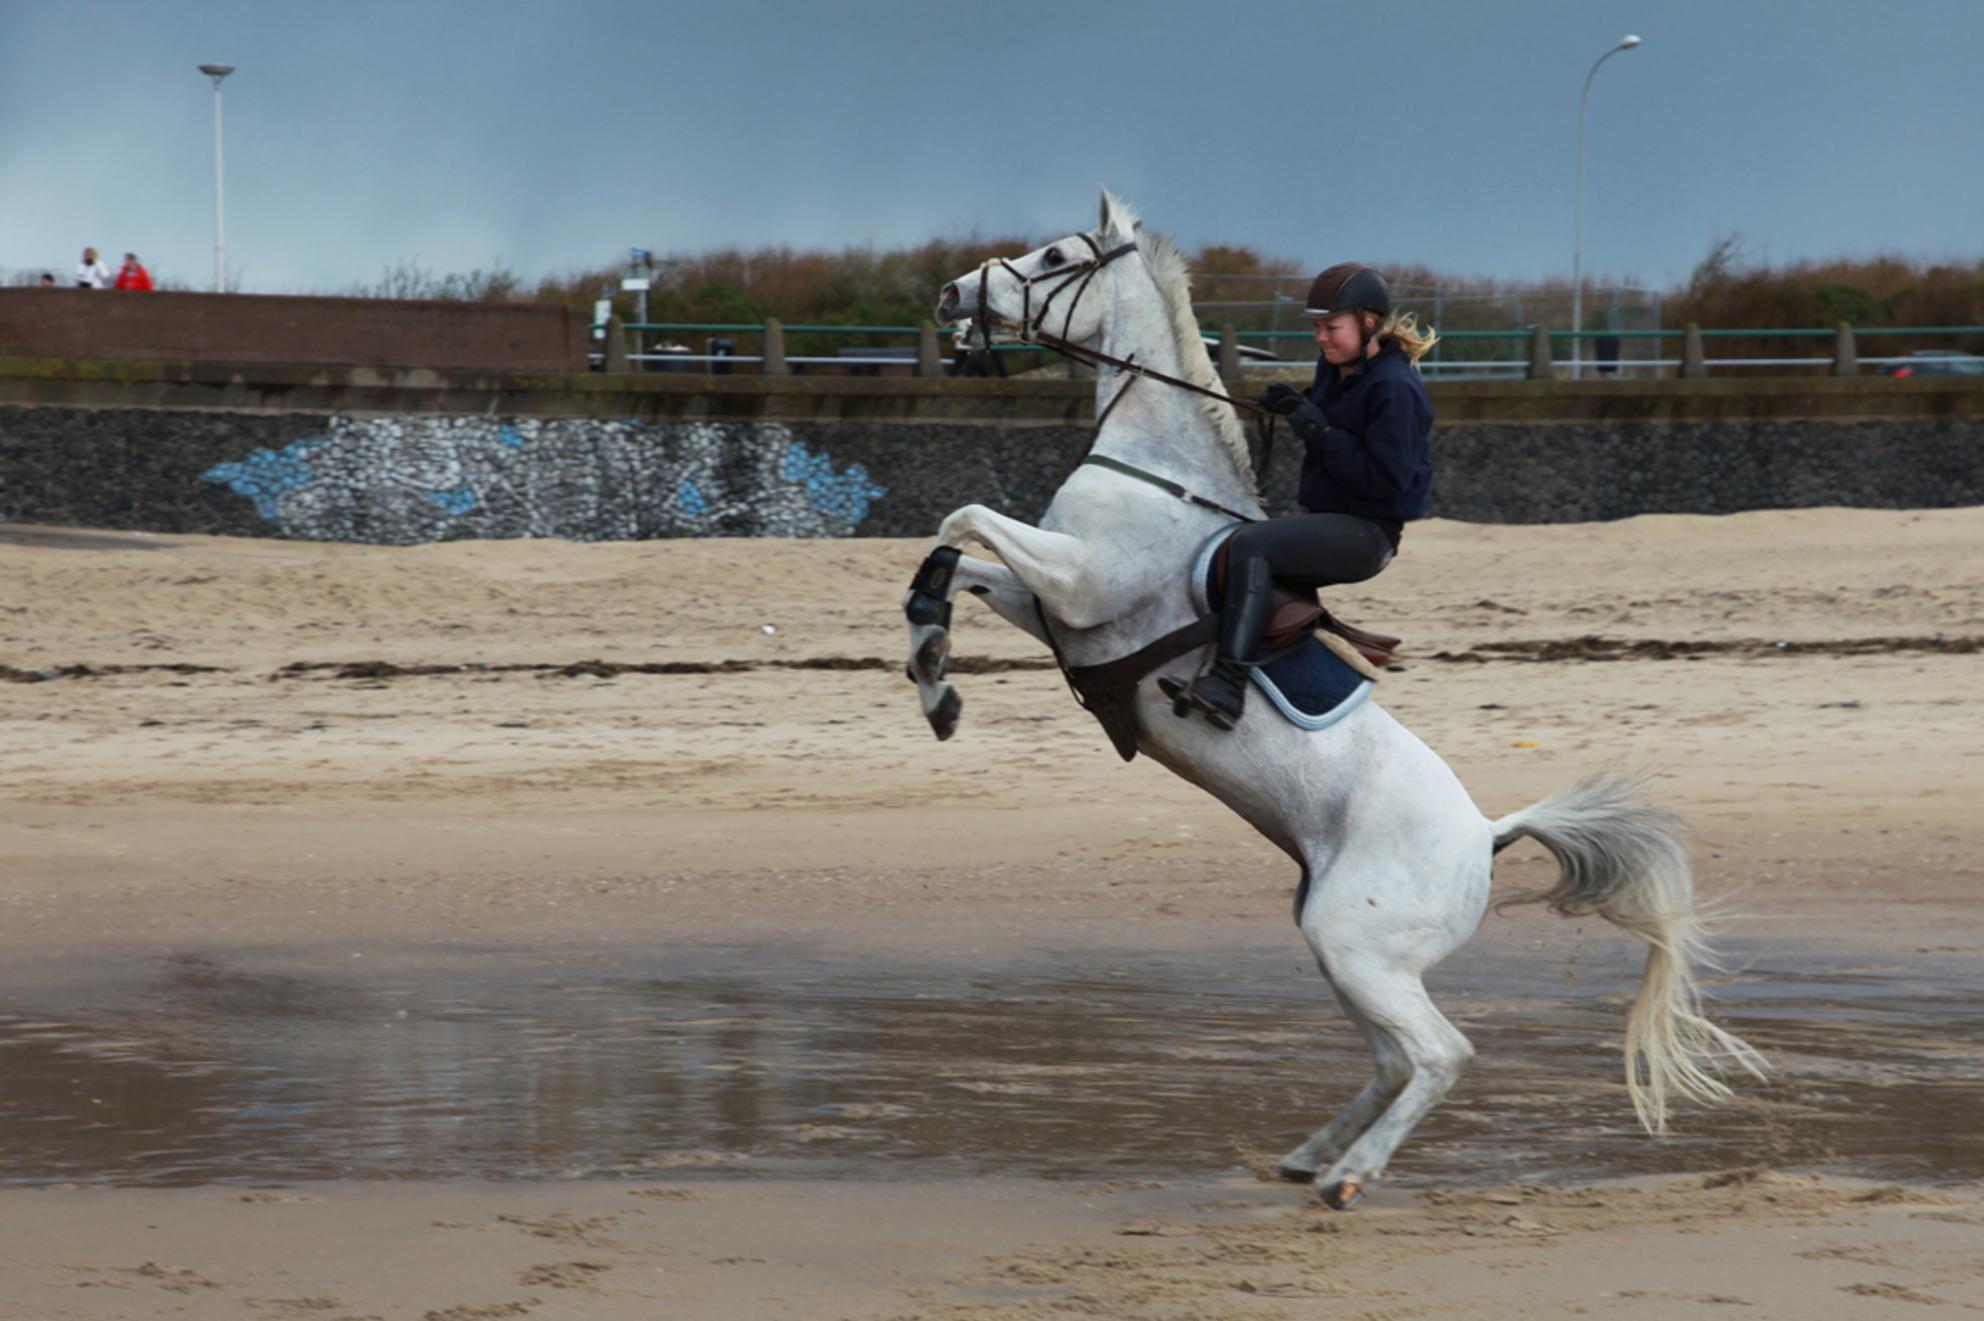 Even blijven zitten!! - Zomaar een keer een aktie foto. Foto's van paarden neem ik vaak, meestal op aanvraag, maar plaats ze bijna nooit op Zoom. Gisteren tussen de hagelbui - foto door cibjen op 11-11-2013